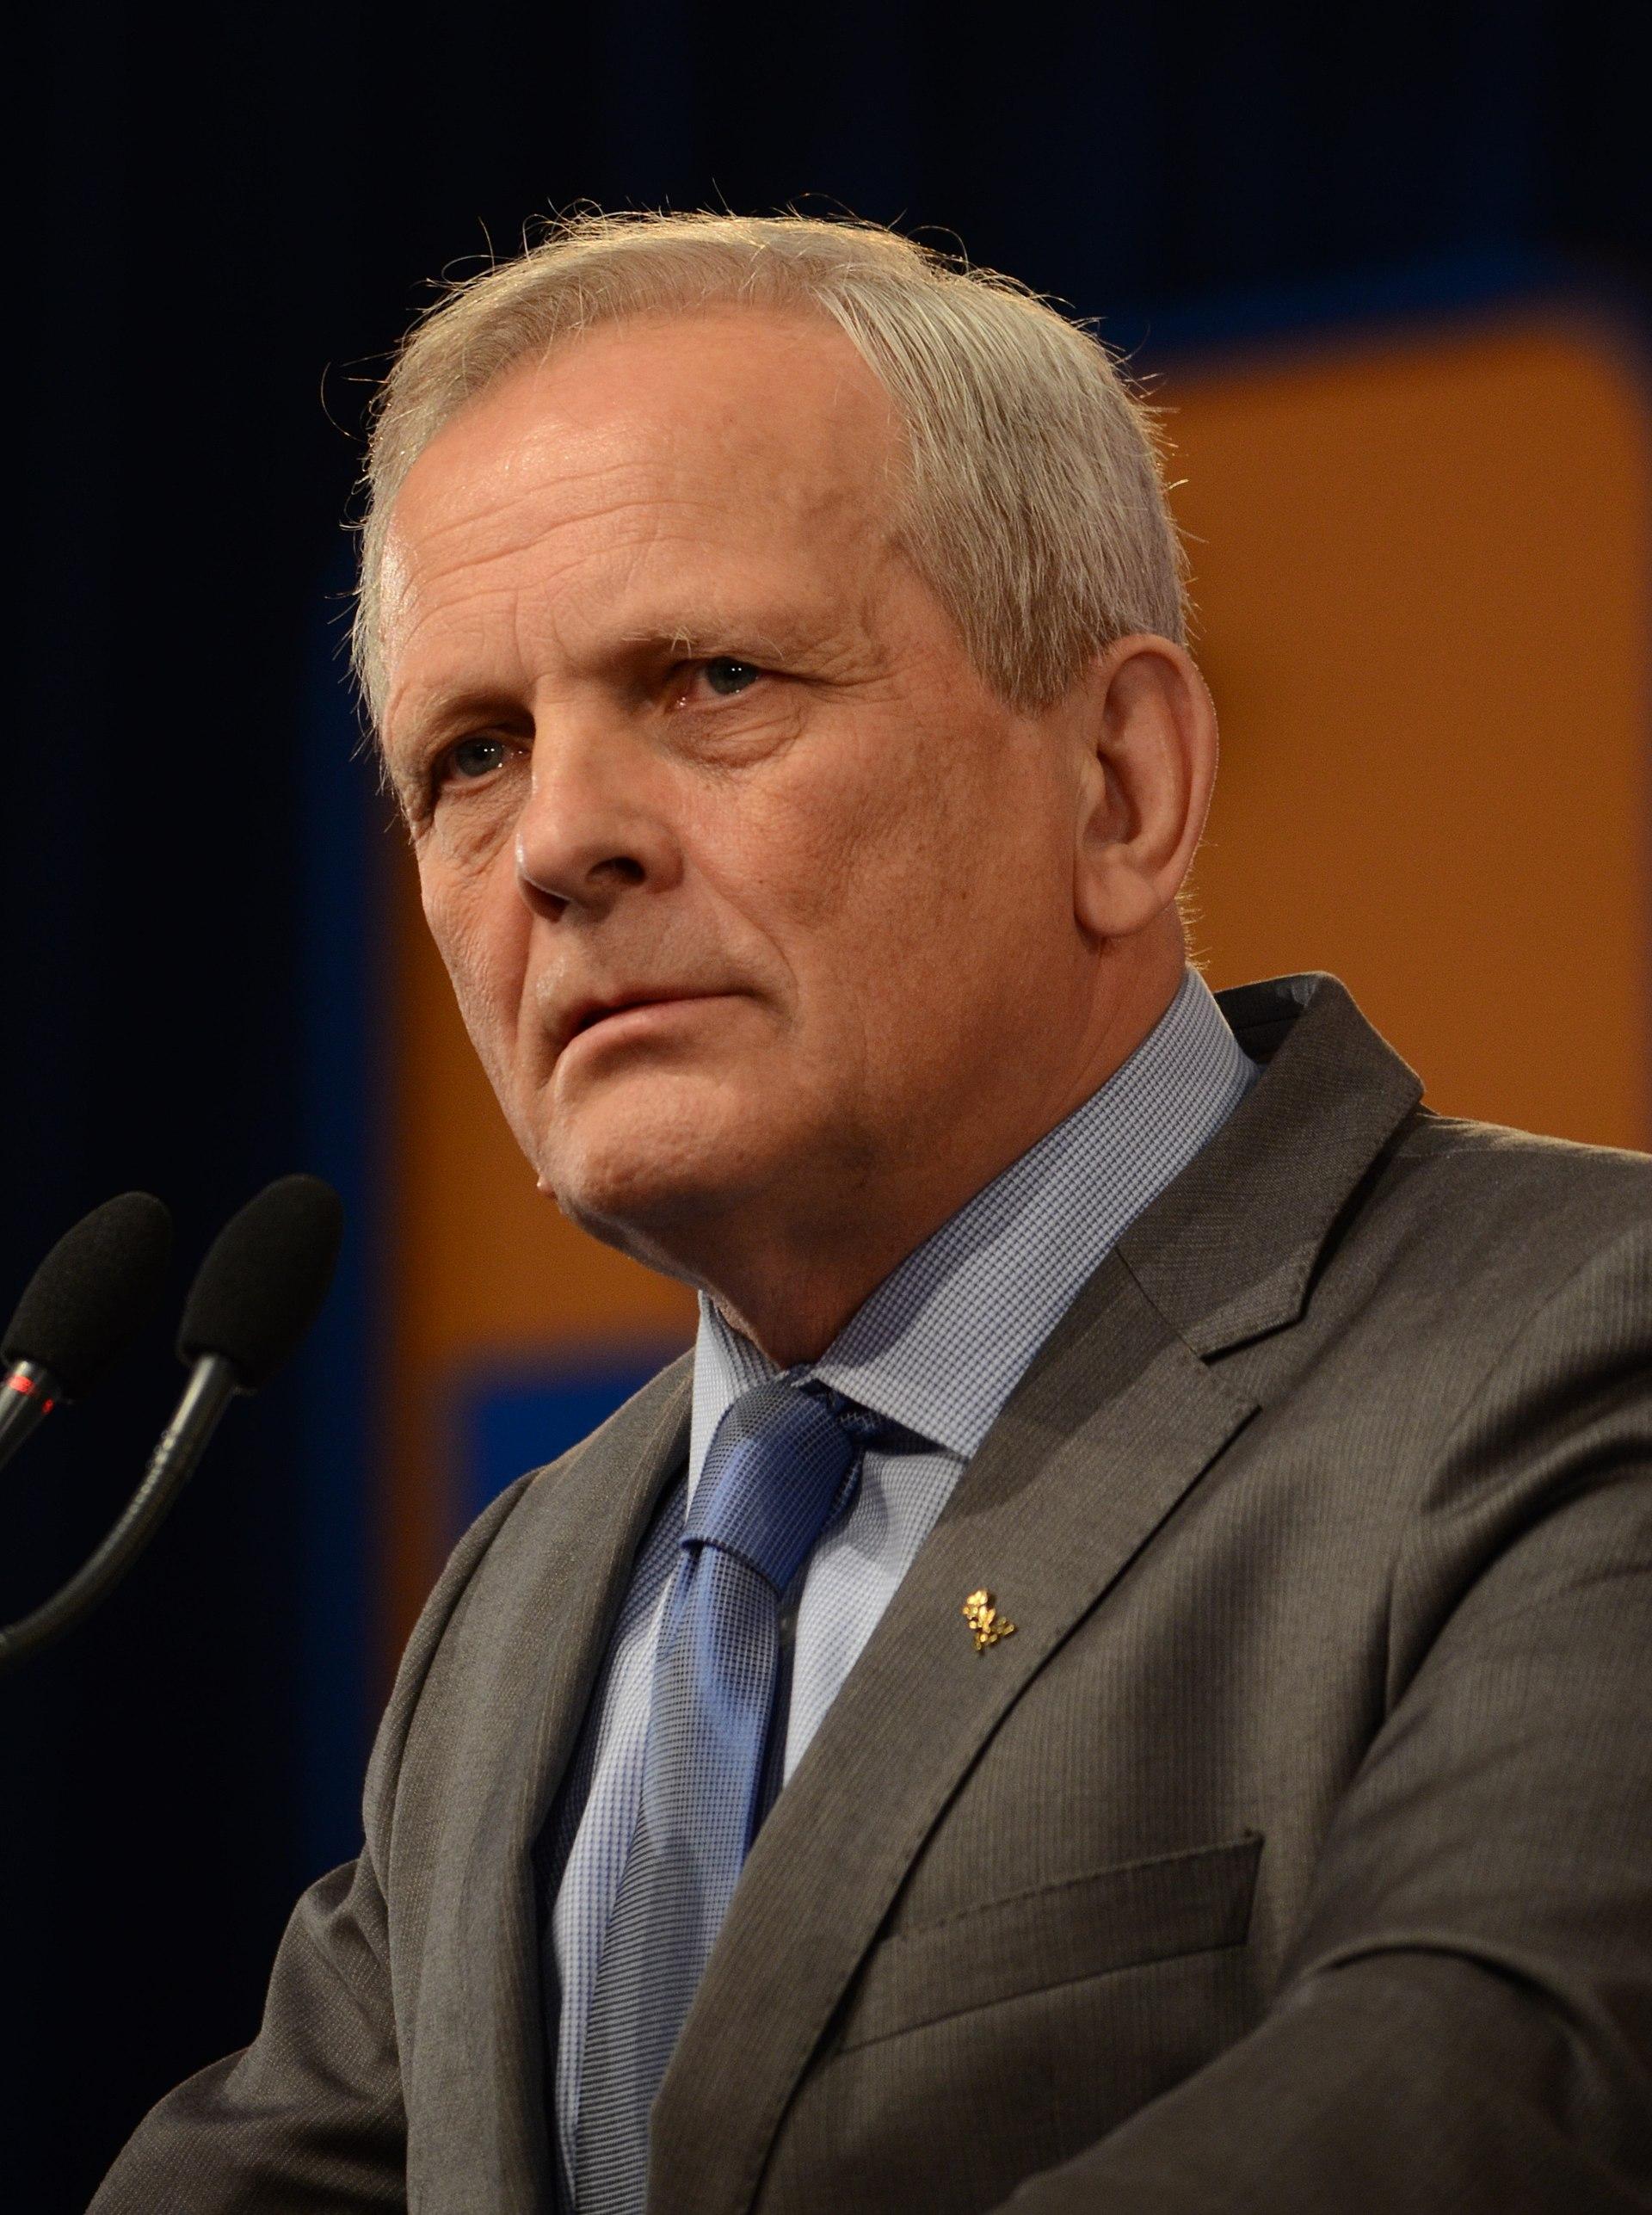 elezioni parlamentari in romania del 2008 wikipedia